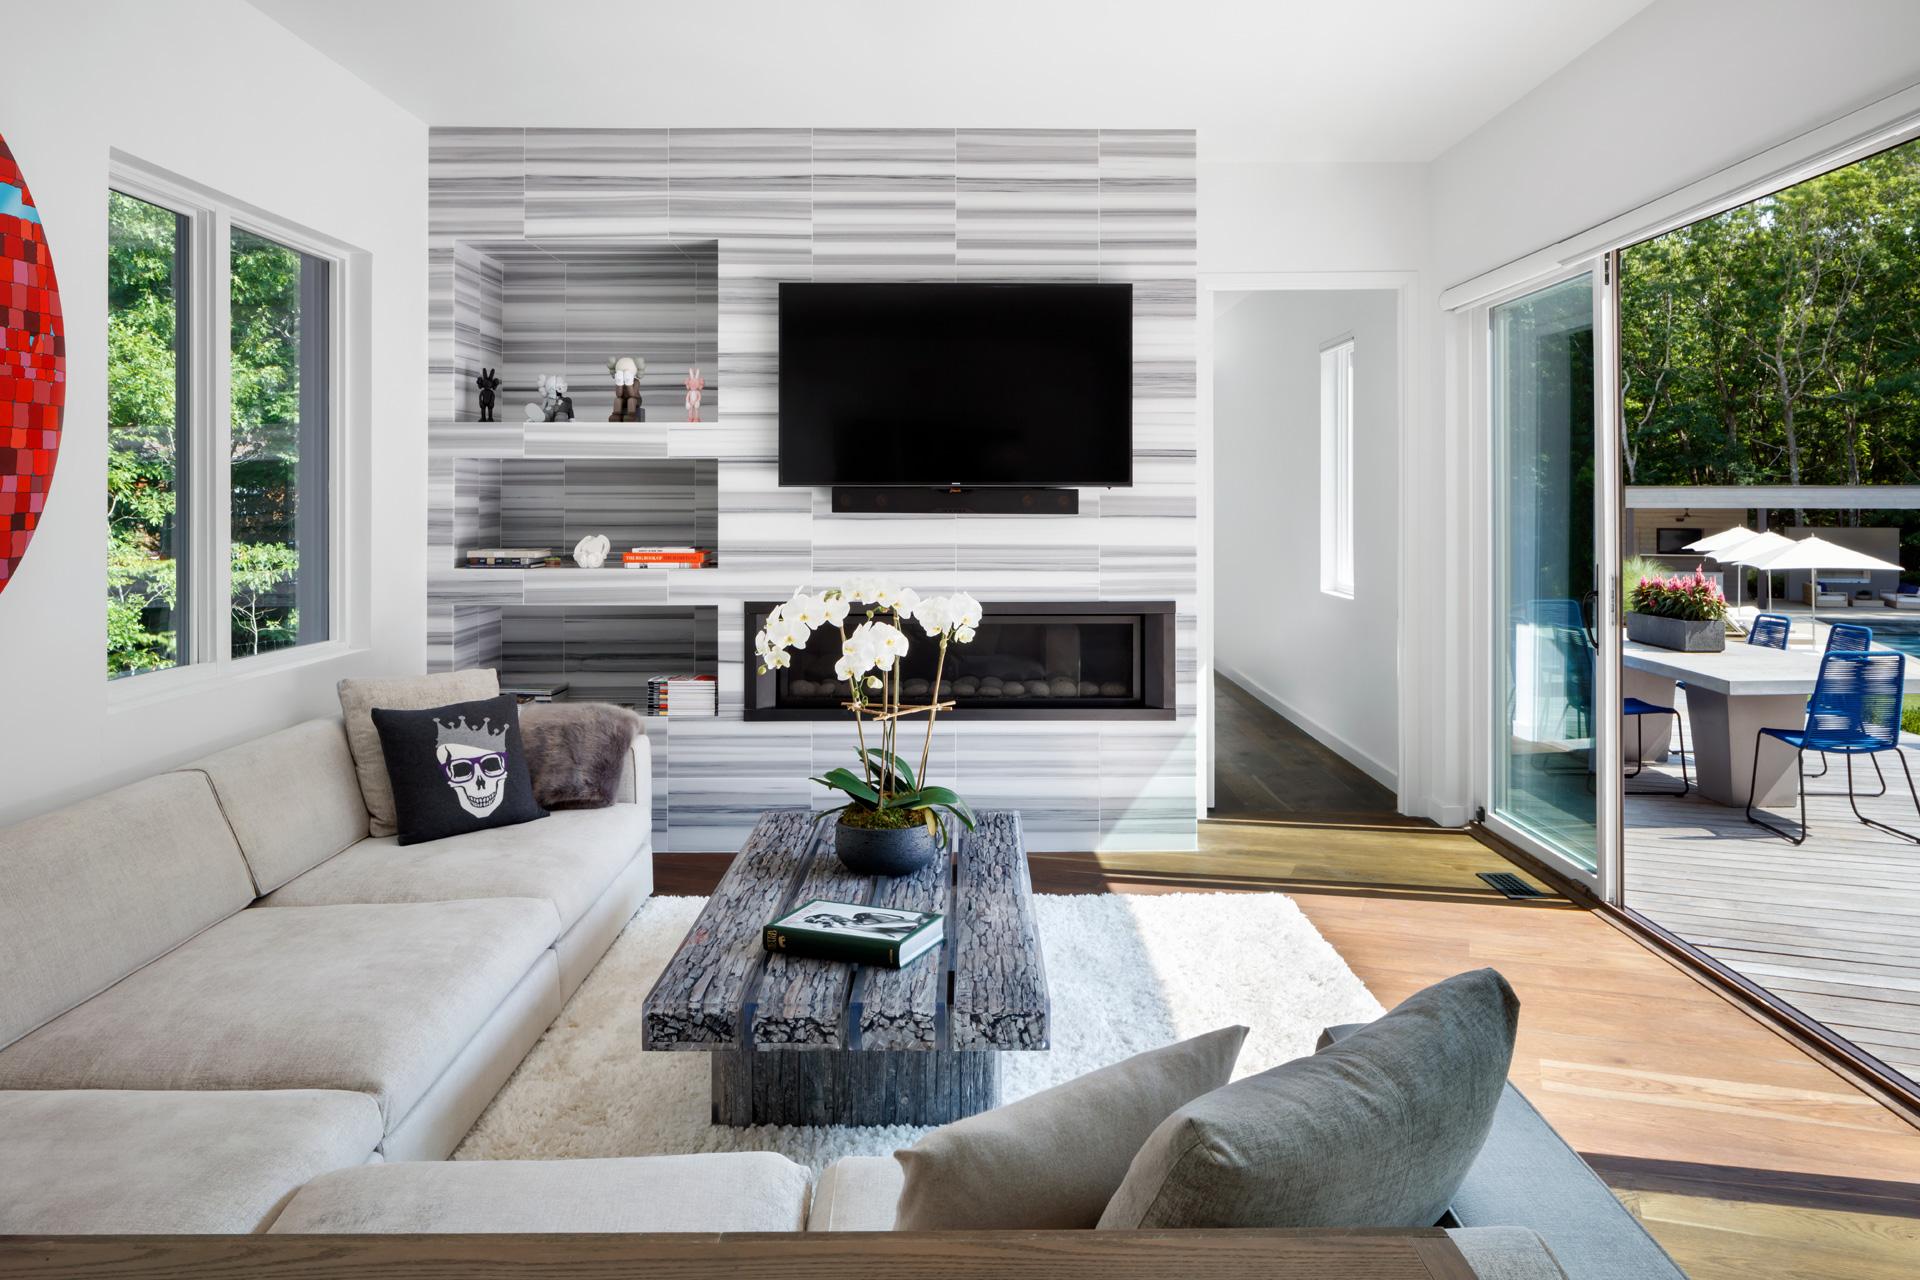 Springs Residence modern design home